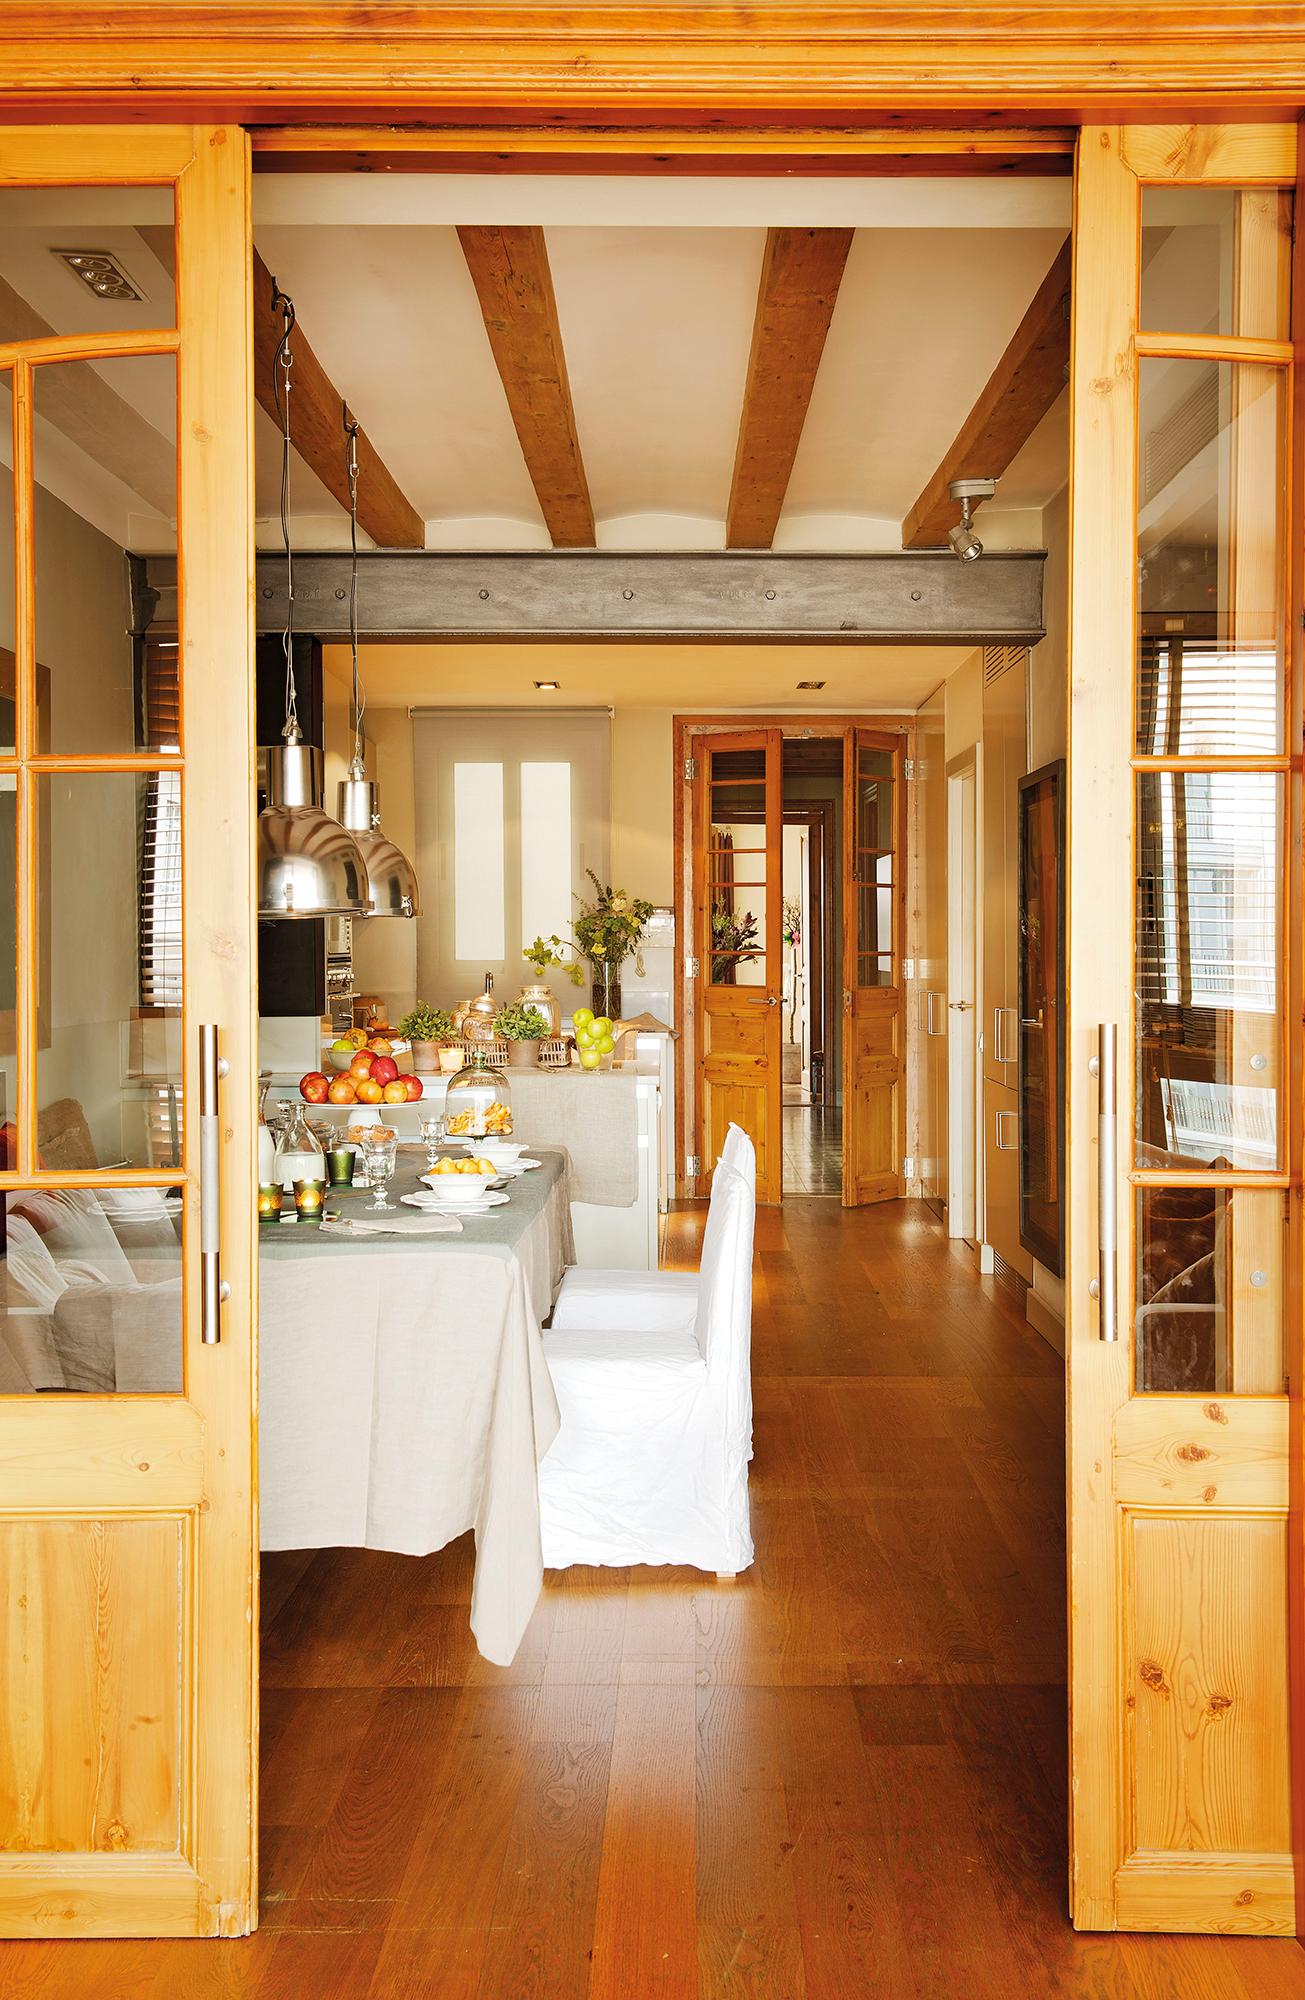 Renueva las manillas y los pomos de las puertas de casa for Puertas acristaladas interior